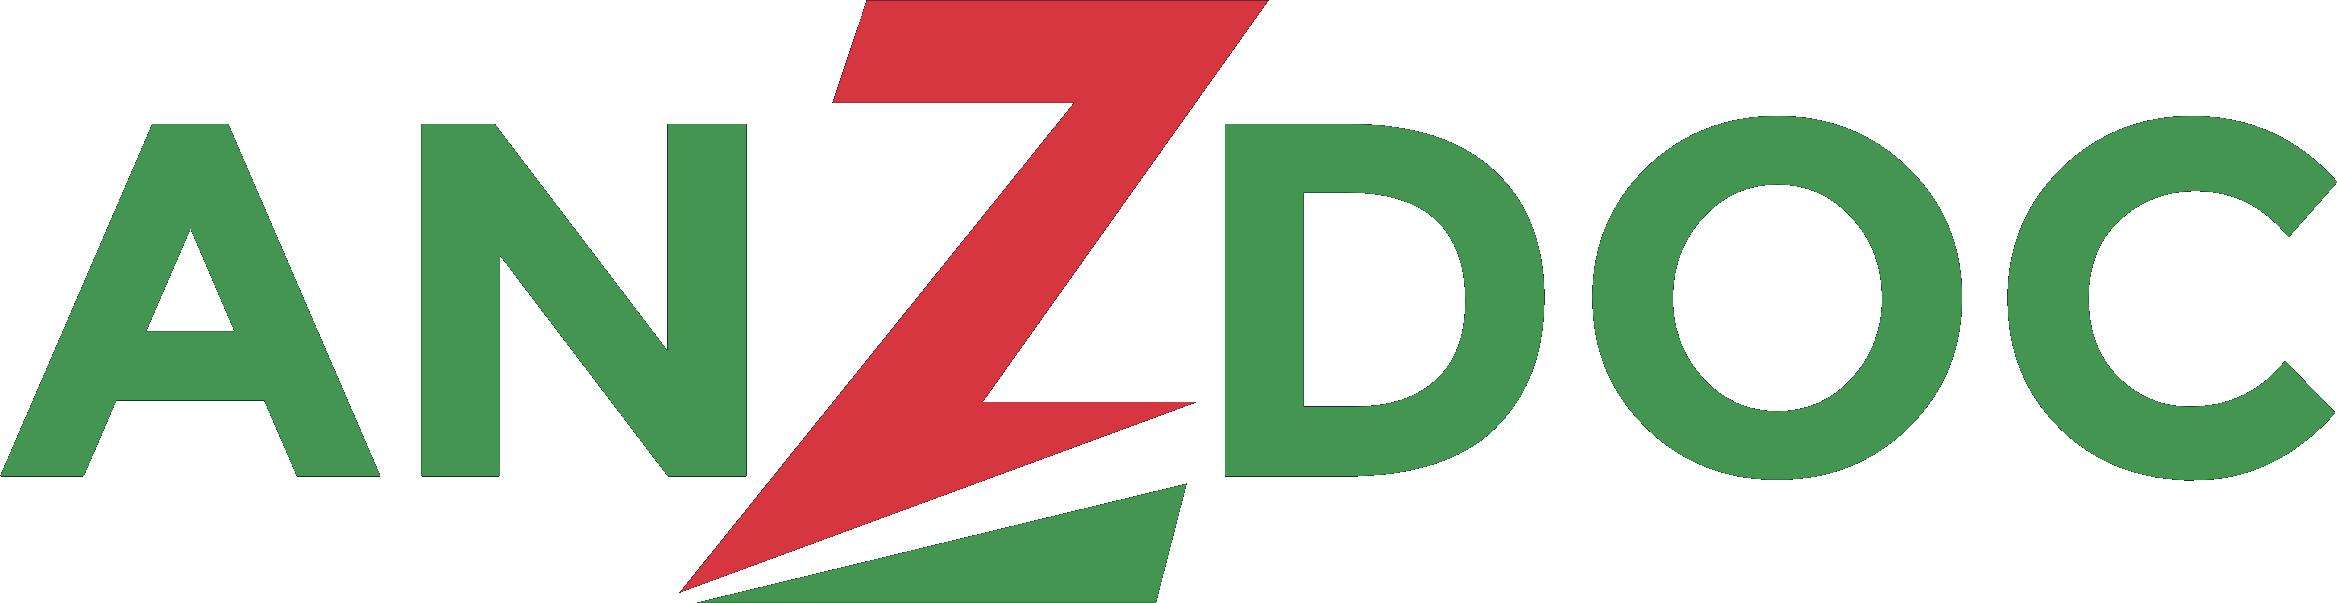 Magyar Narancs - Zene - Könyv: Gazda nélkül (Moldova György: Ég a Duna!)